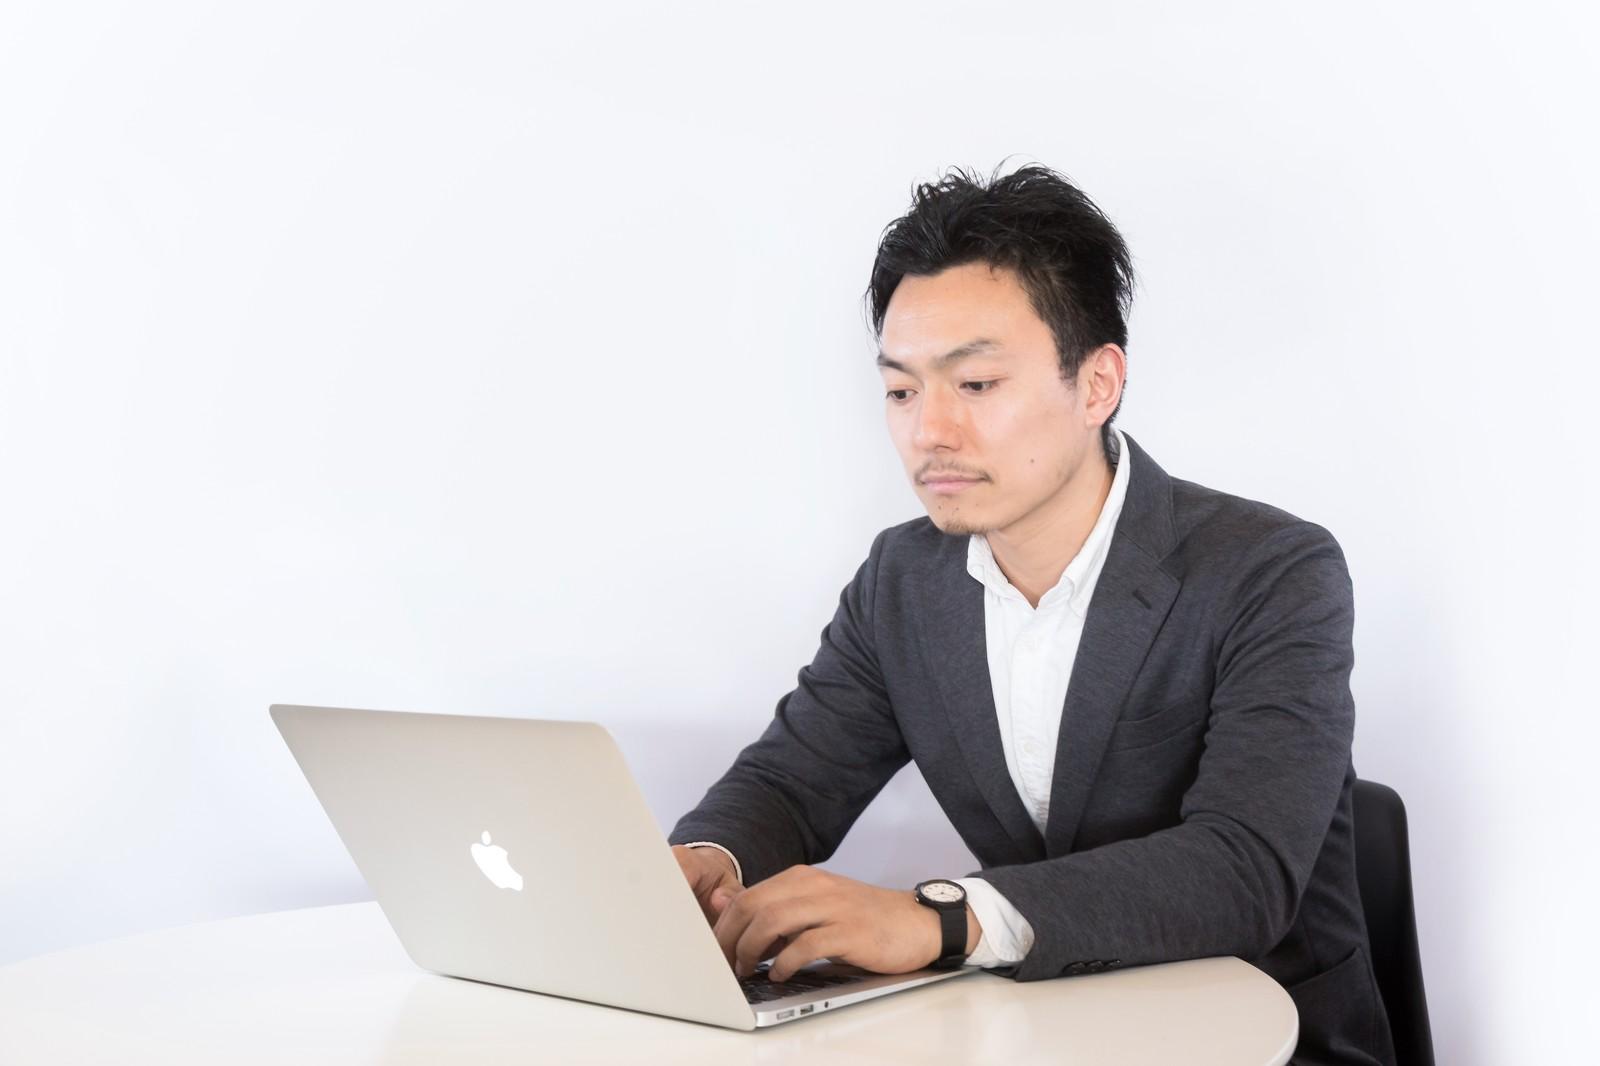 【プログラマーとしての就職】作品作りの8つのポイント!